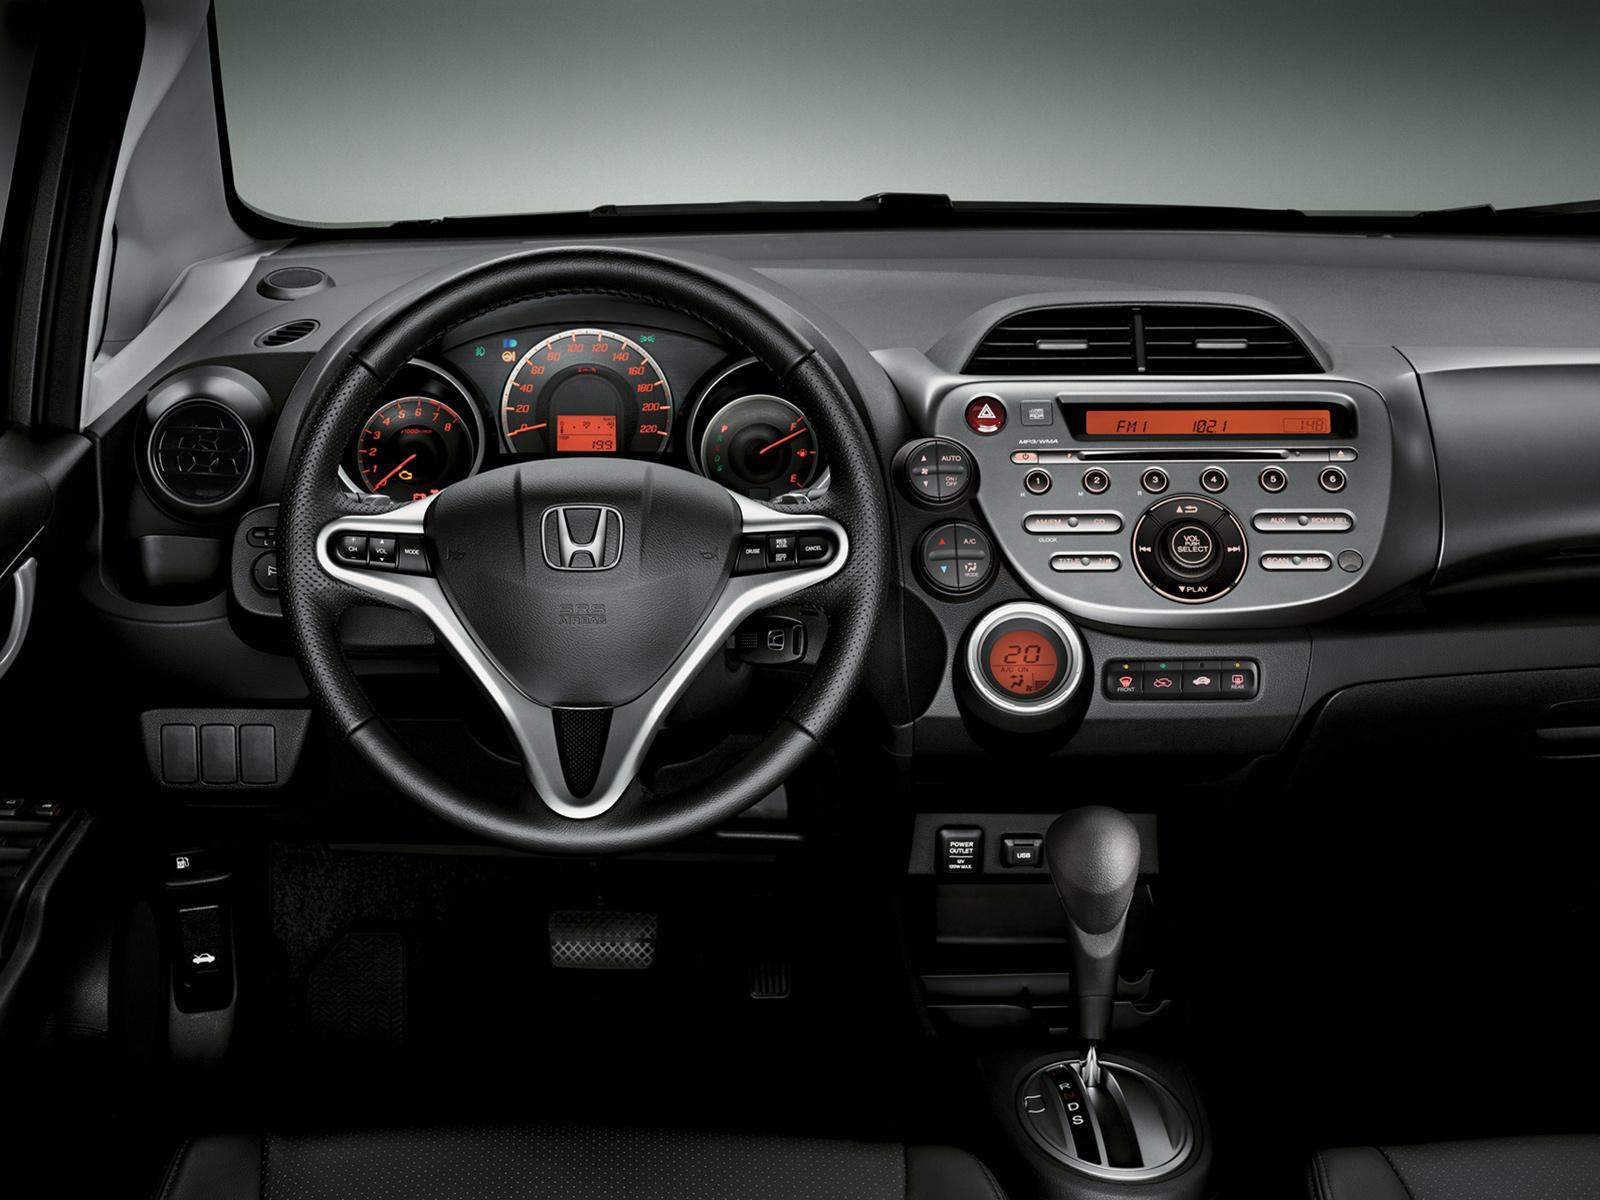 Sal n de bogot 2012 honda fit edici n especial se for Honda fit 2017 precio